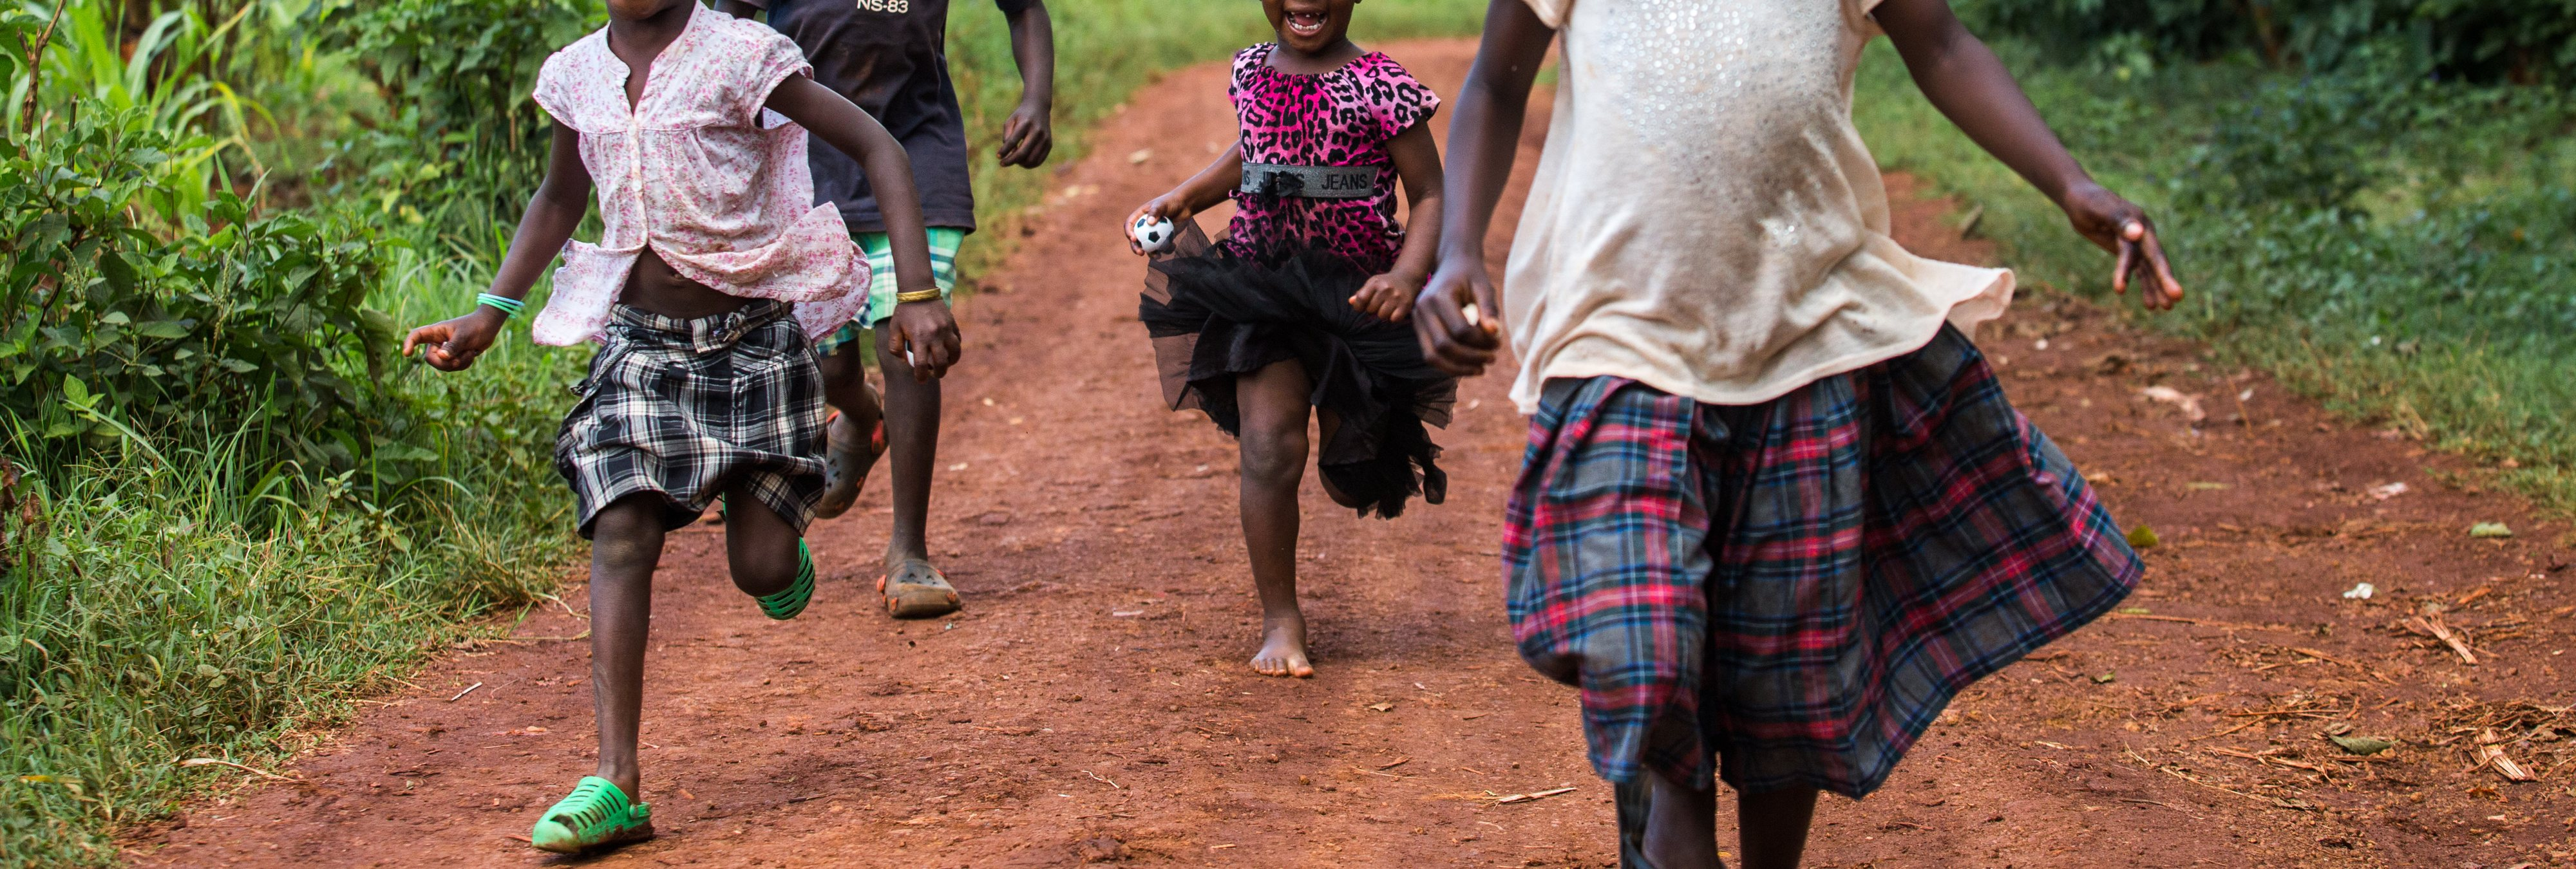 La mutilación genital en niñas desciende en África pero sube en países de Asia